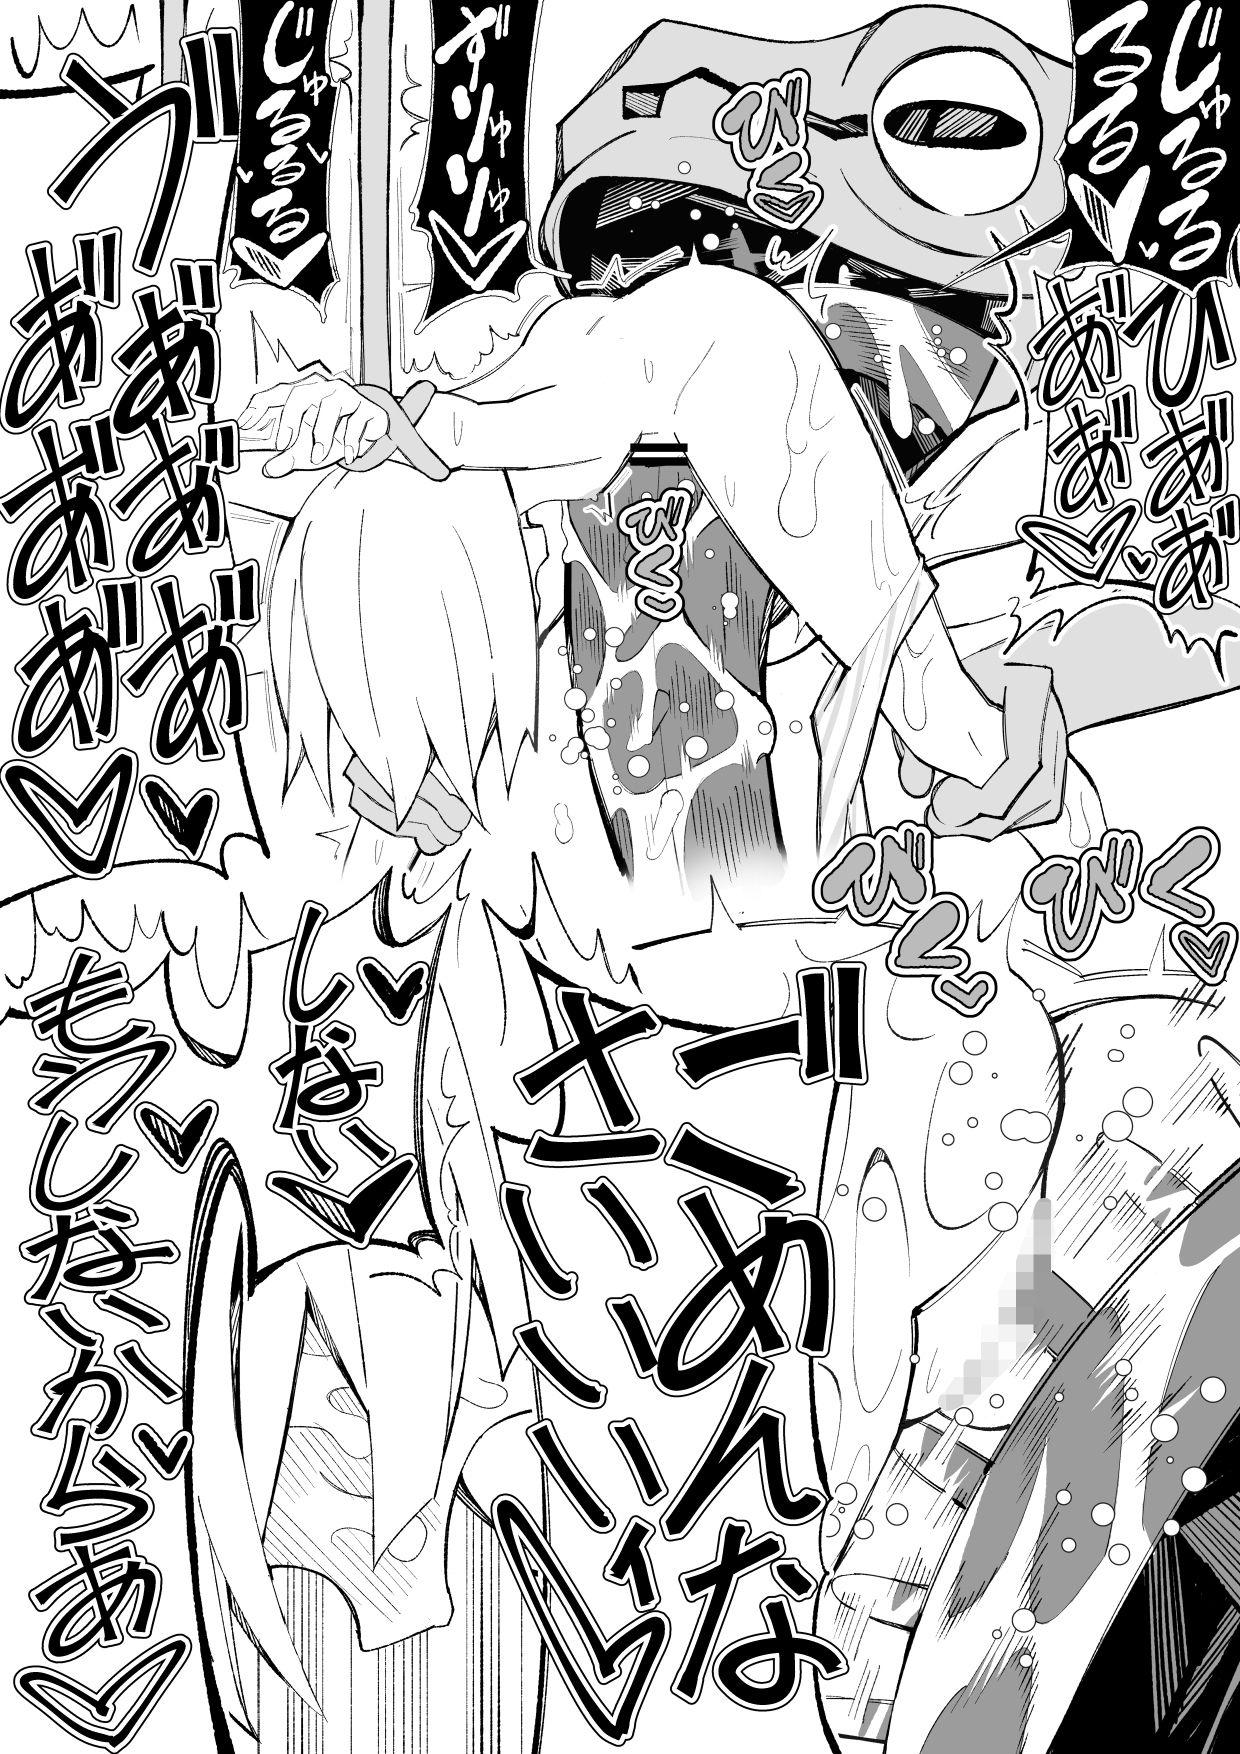 カエル陵●日記(キチゴエヤ) [d_169854] 3